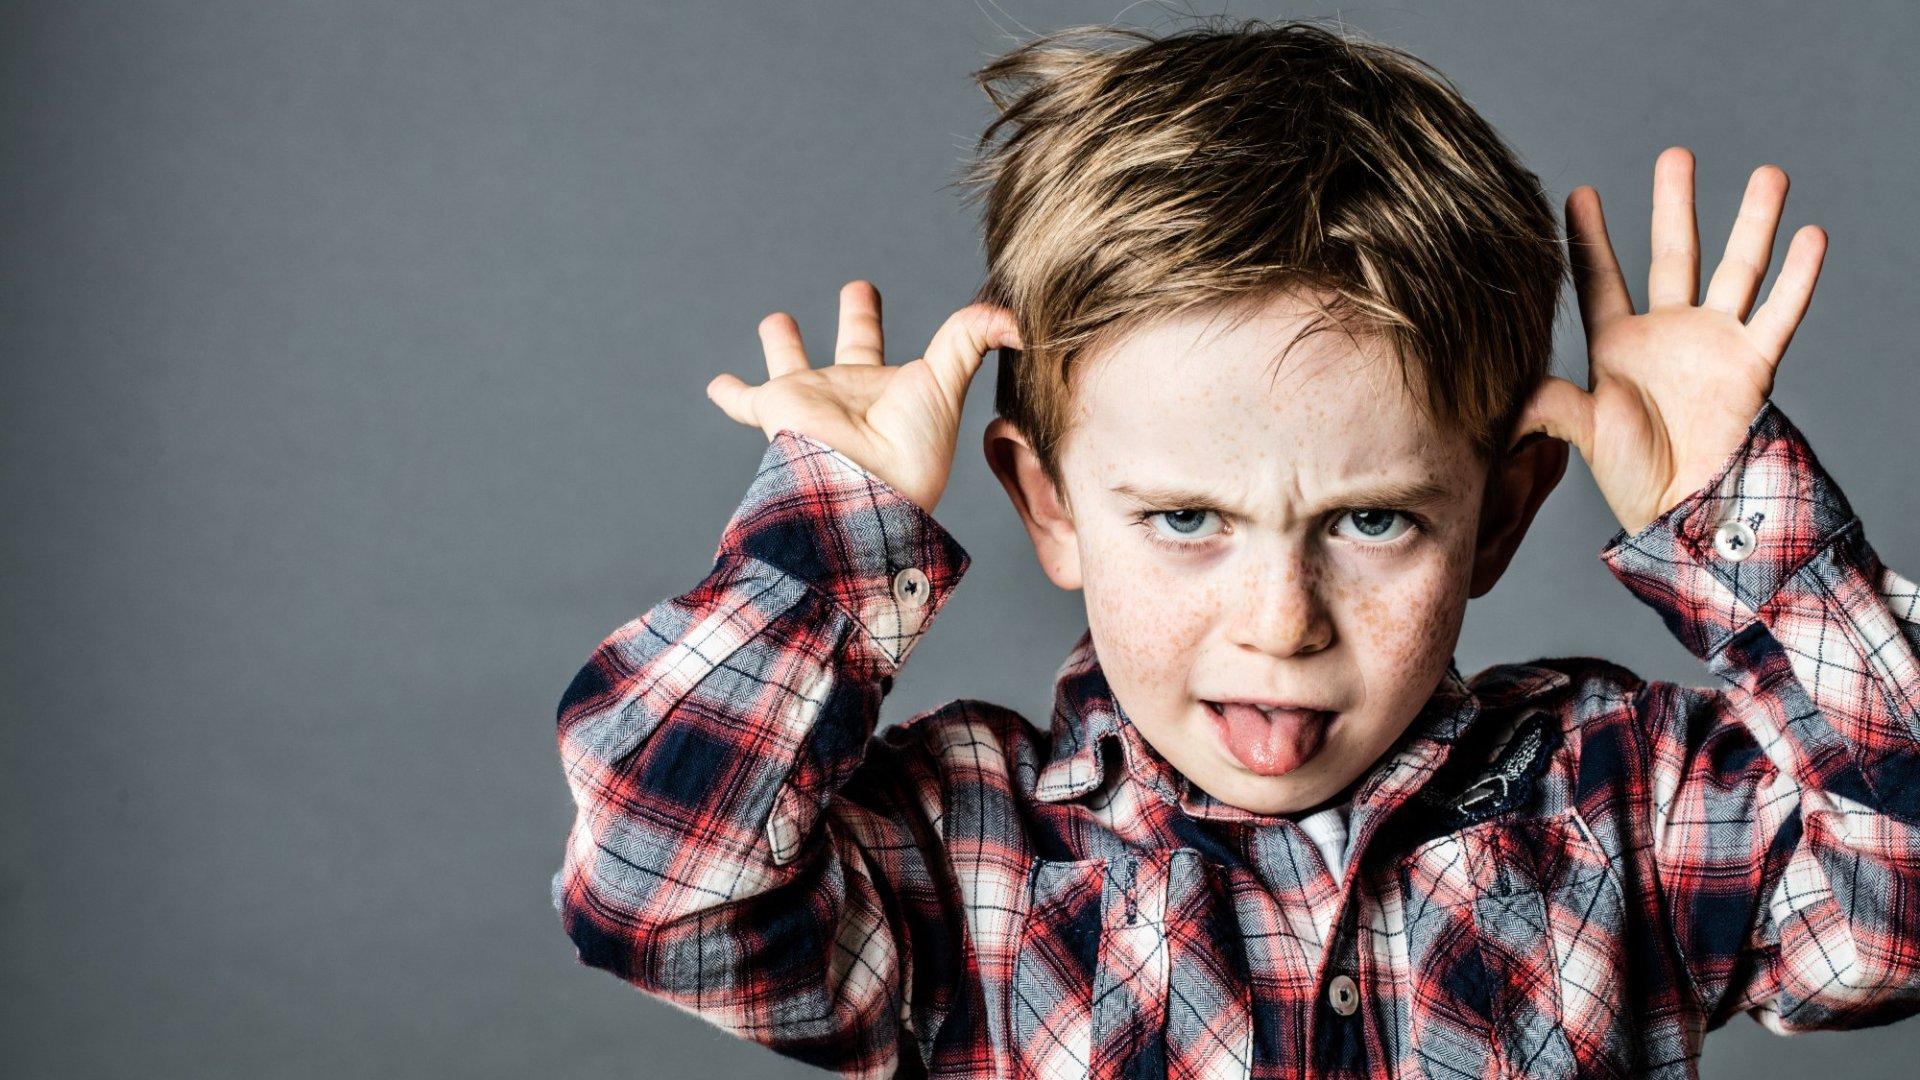 6 Ways to Shut Down Rude Behavior